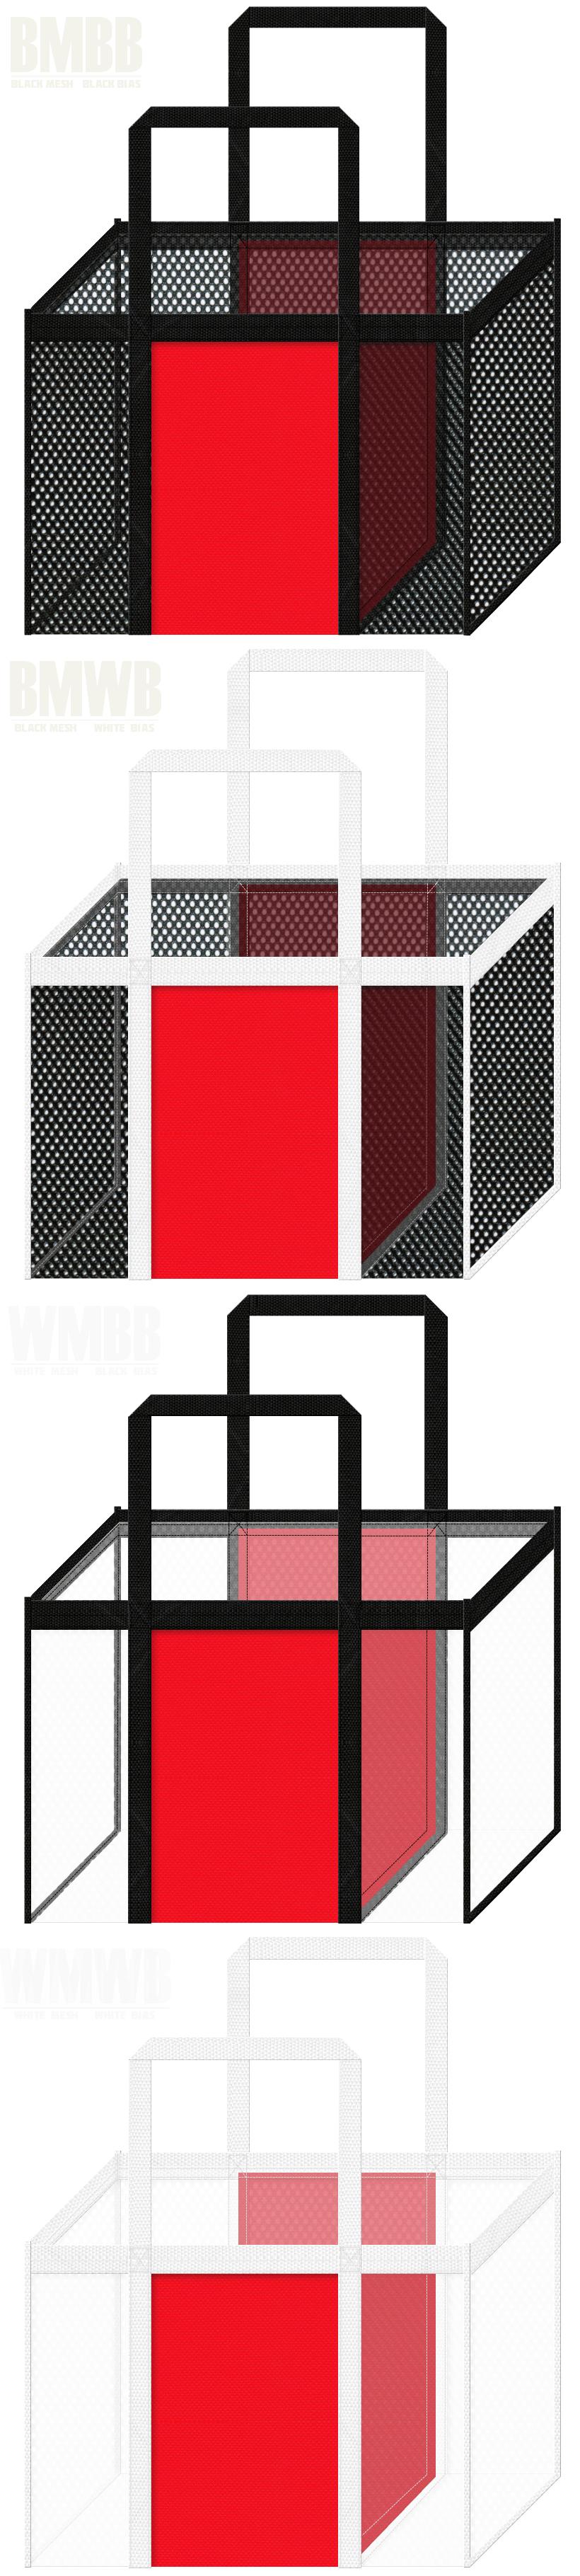 角型メッシュバッグのカラーシミュレーション:黒色・白色メッシュと赤色不織布の組み合わせ